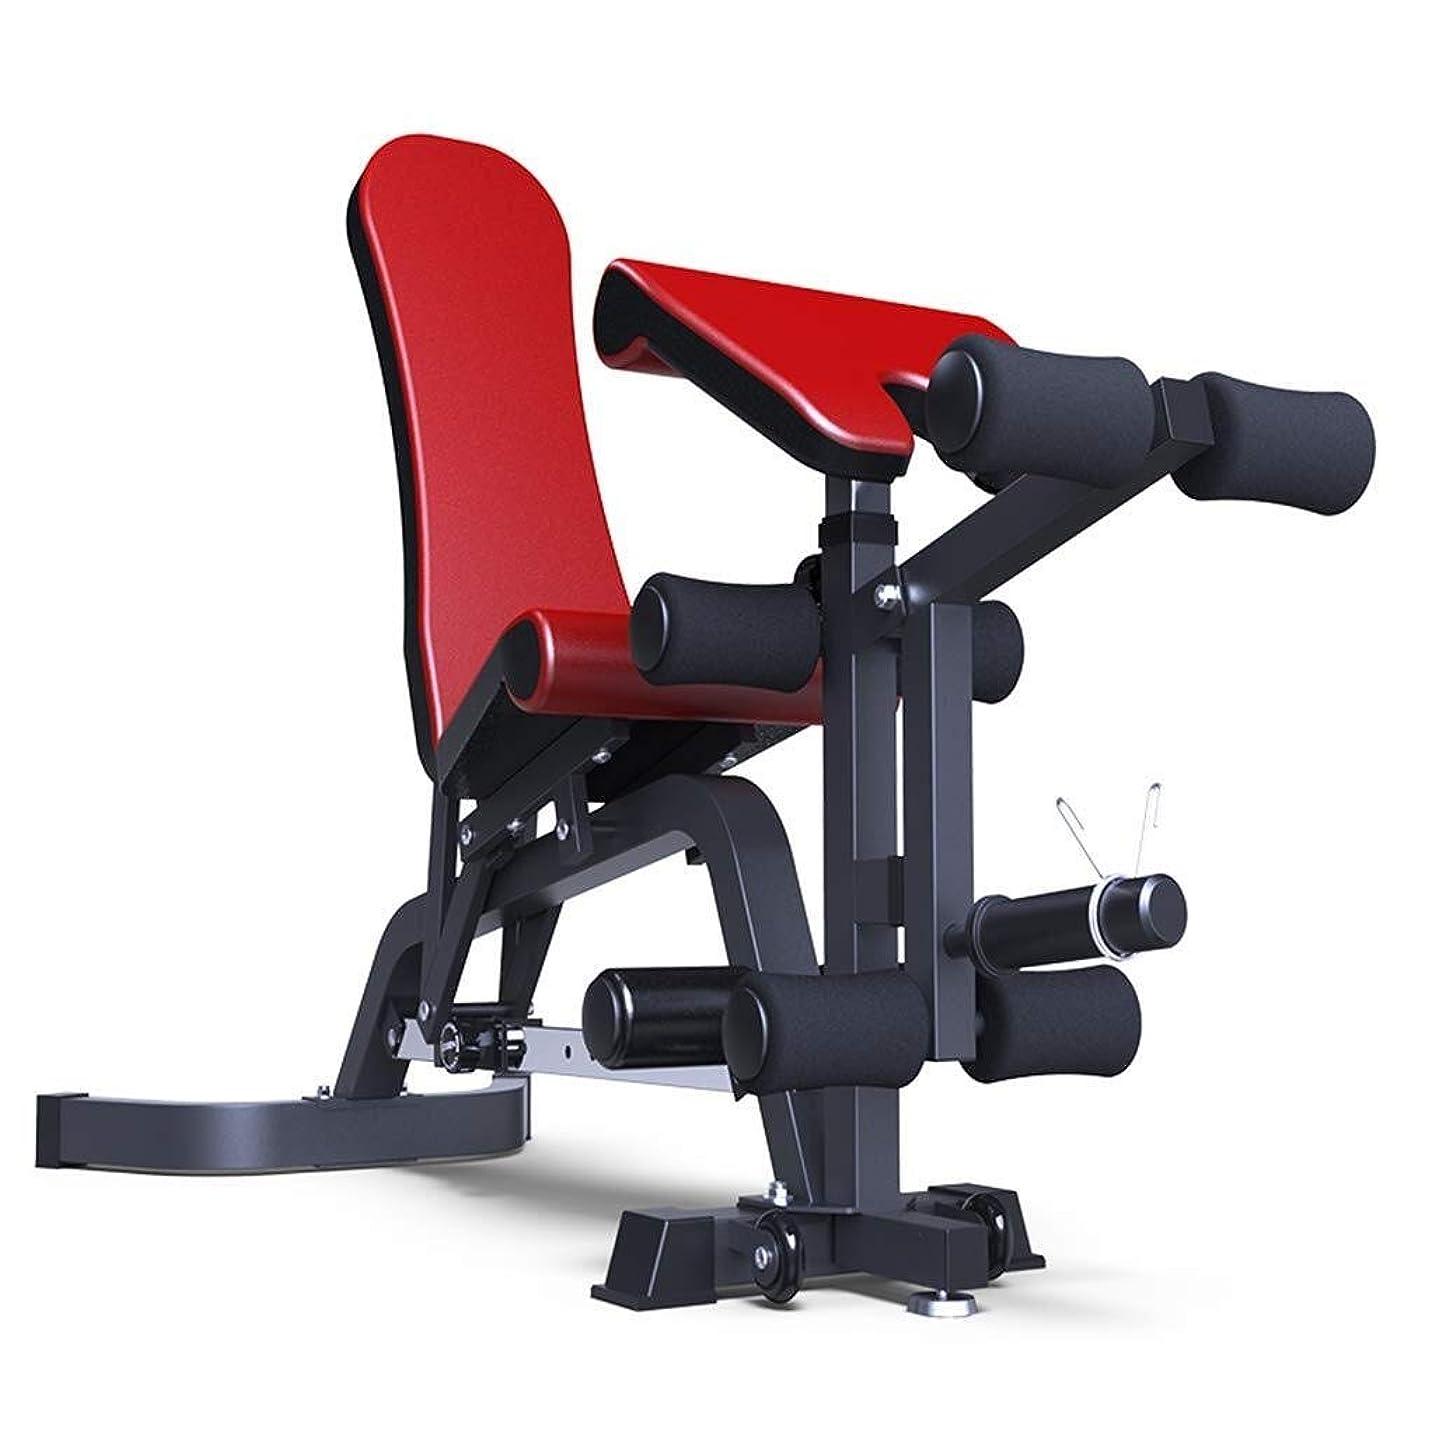 情報靴あいまいさYSYYSH ダンベルベンチ商業鳥ベンチベンチプレスのトレーニングベンチ仰臥位ボードフィットネスベンチスポーツフィットネスチェア太いスチールベンチレッドブラック フィットネスチェア (Color : Red)